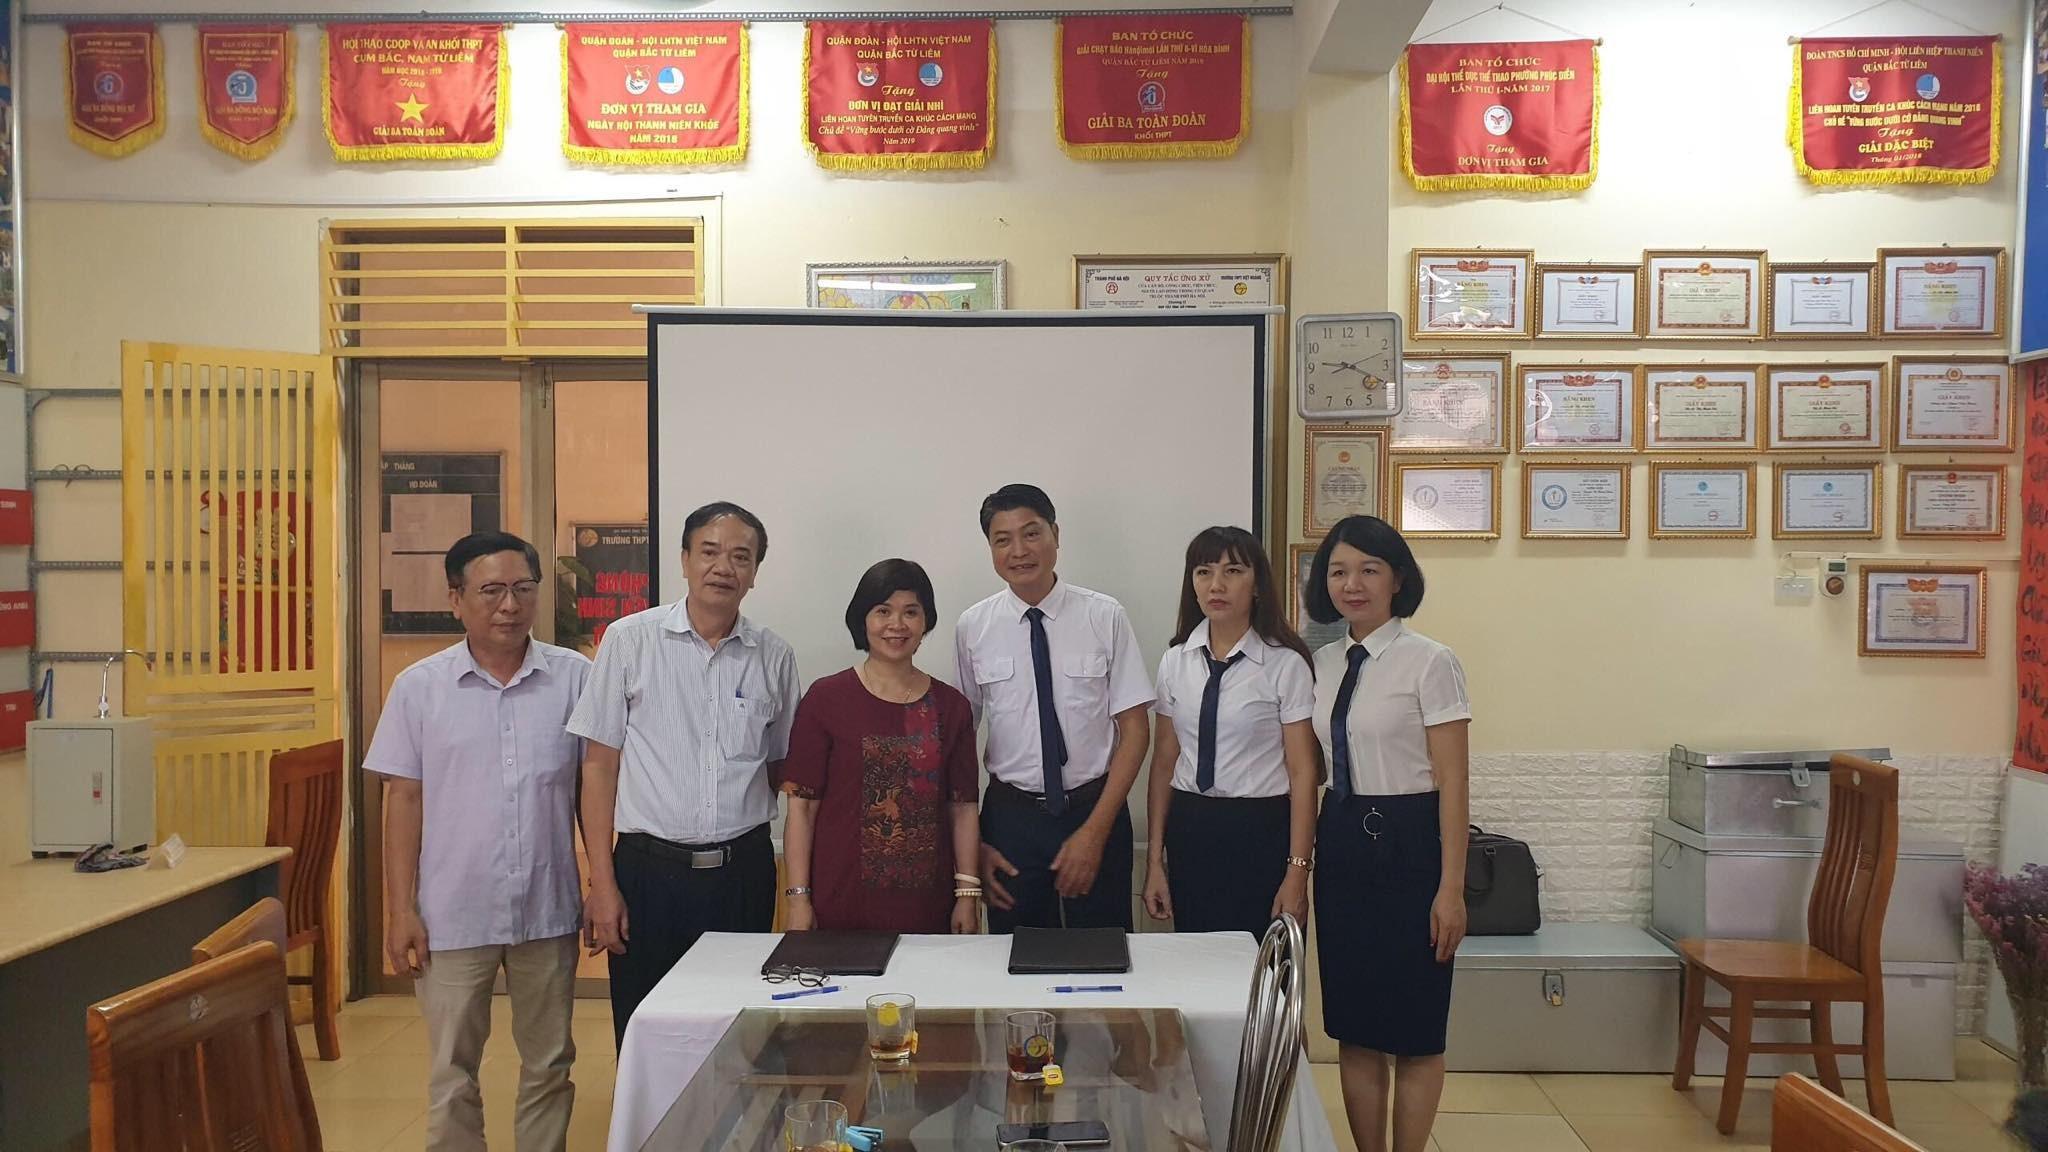 Trường THPT Việt Hoàng Hà Nội chuẩn bị công tác giới thiệu hướng nghiệp nghề hàng không cho học sinh năm học 2020-2021 và những năm tiếp theo